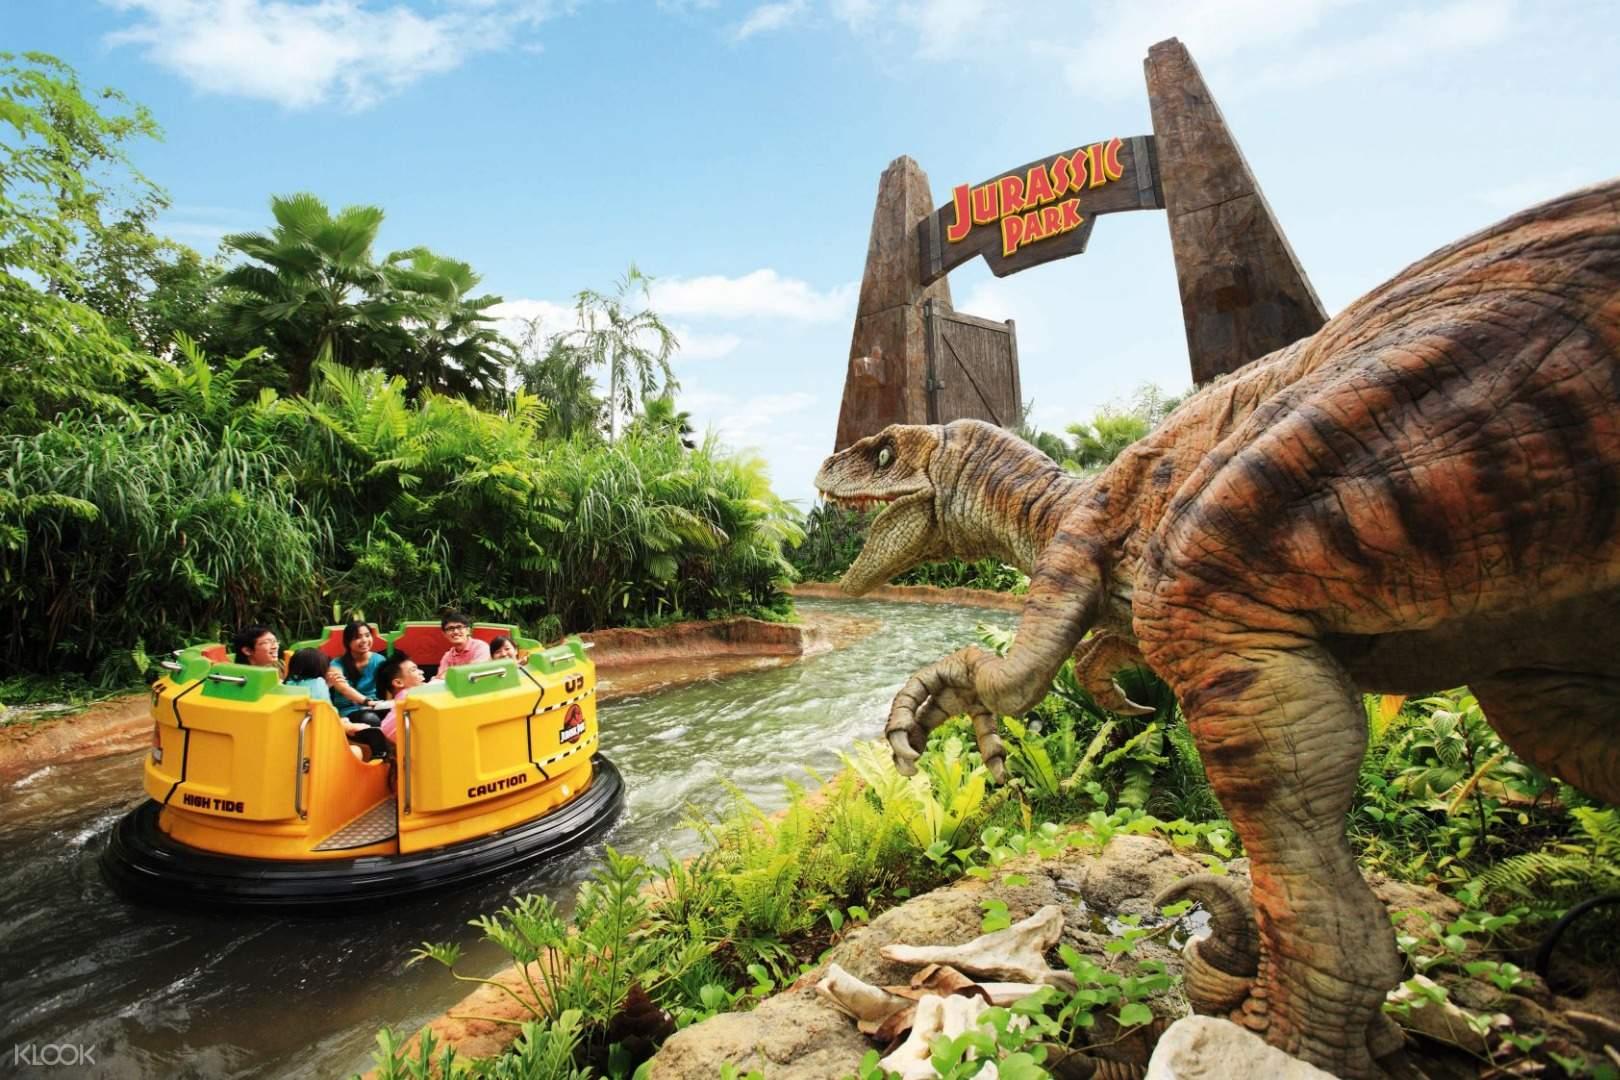 Jurassic Park Rapid Adventure (klook)